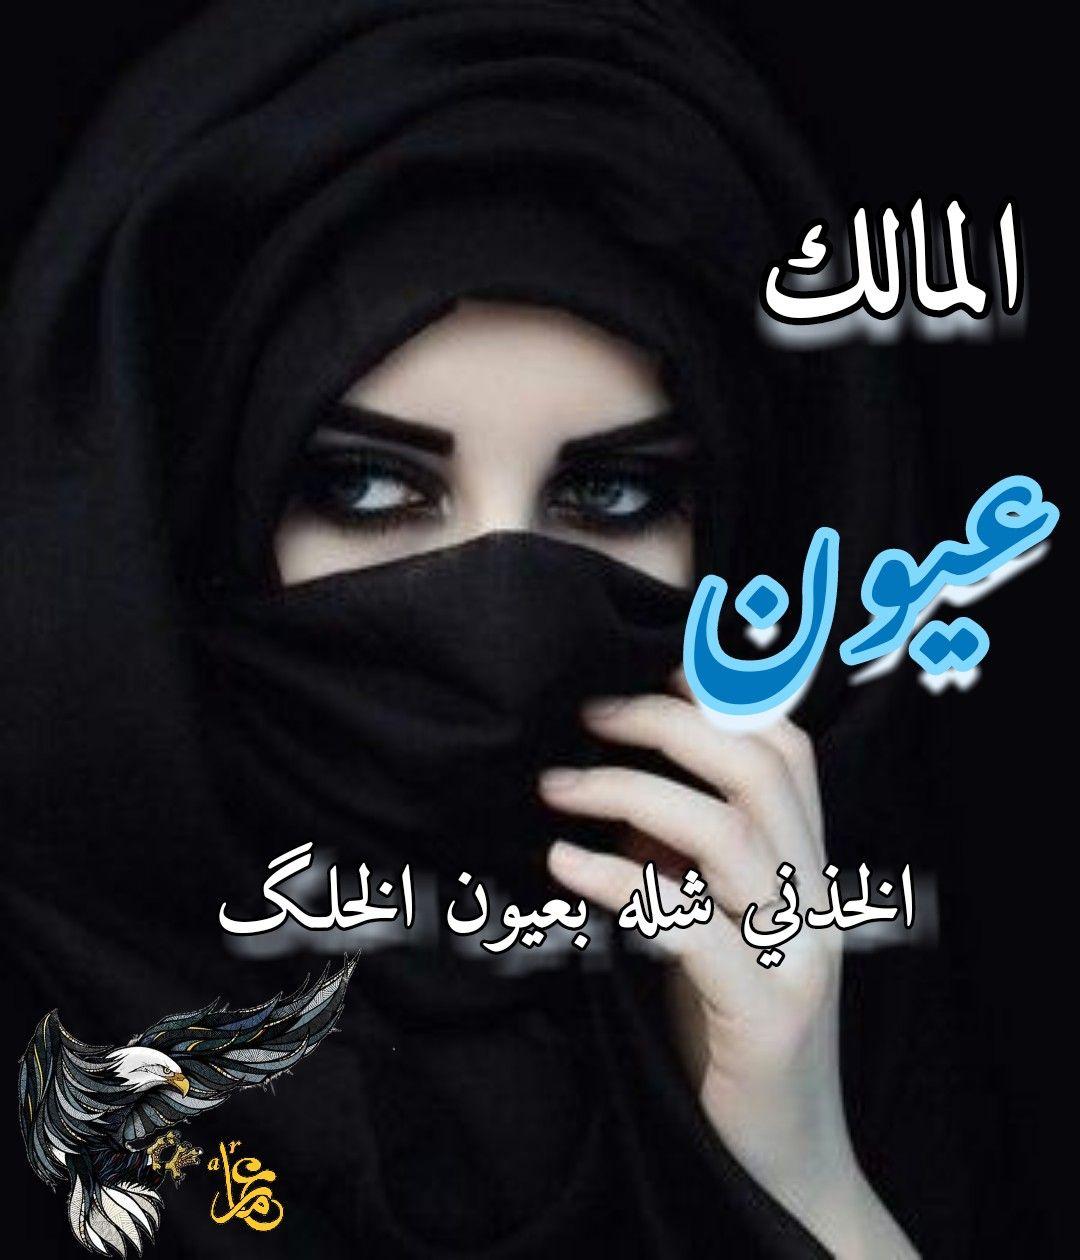 خذني عيونك الحلوات للموت ويردني Fashion Hijab